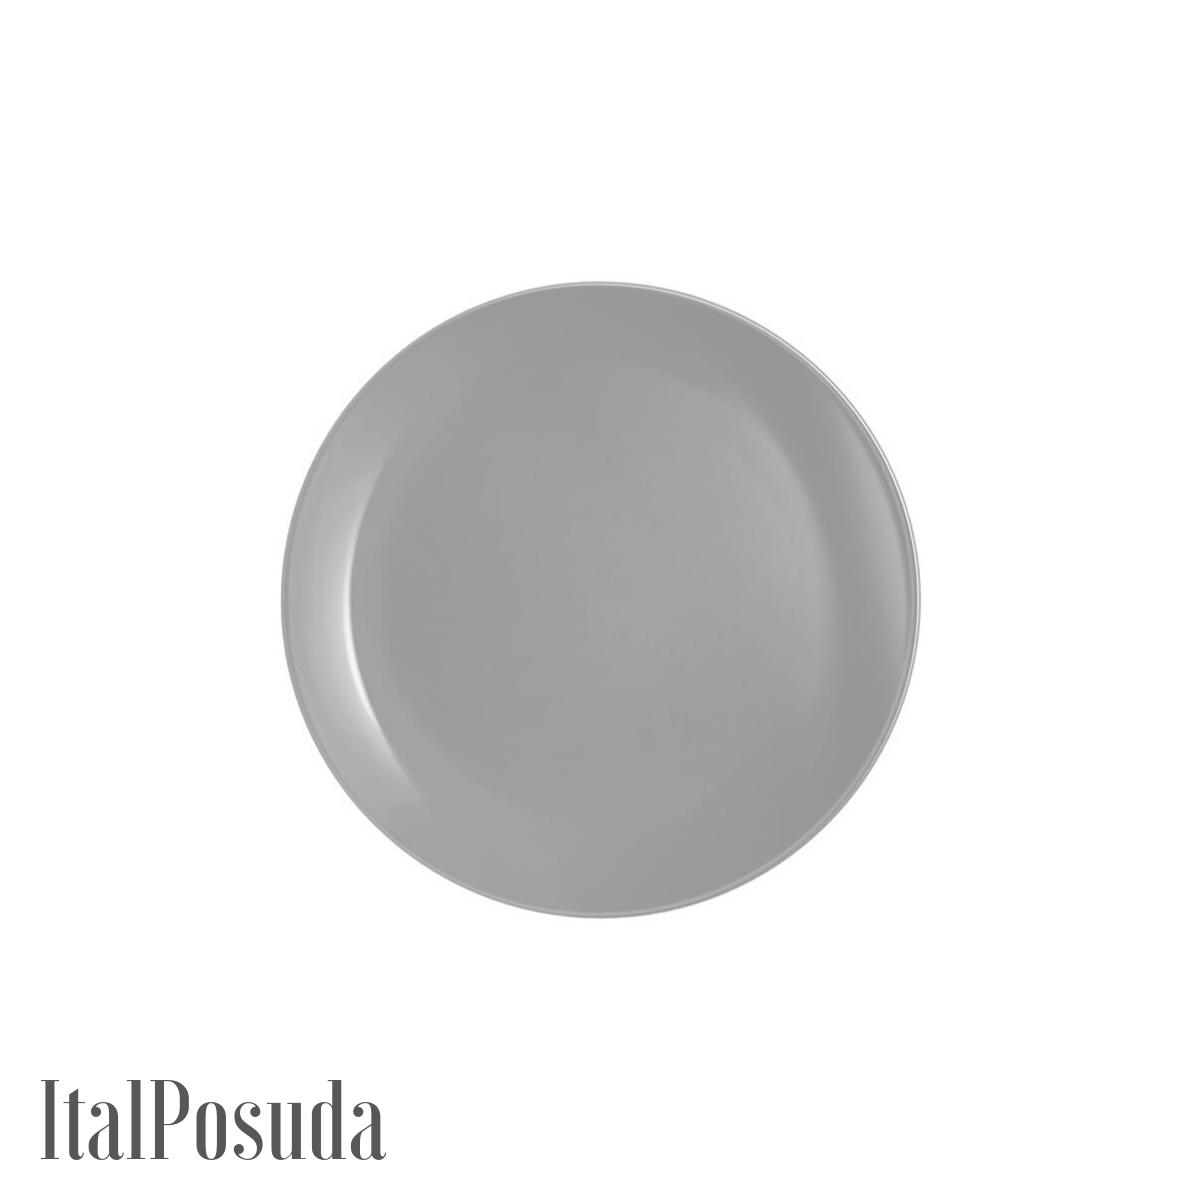 Столовый сервиз Luminarc Diwali Granit (Дивали Гранит), 19 предметов P2920